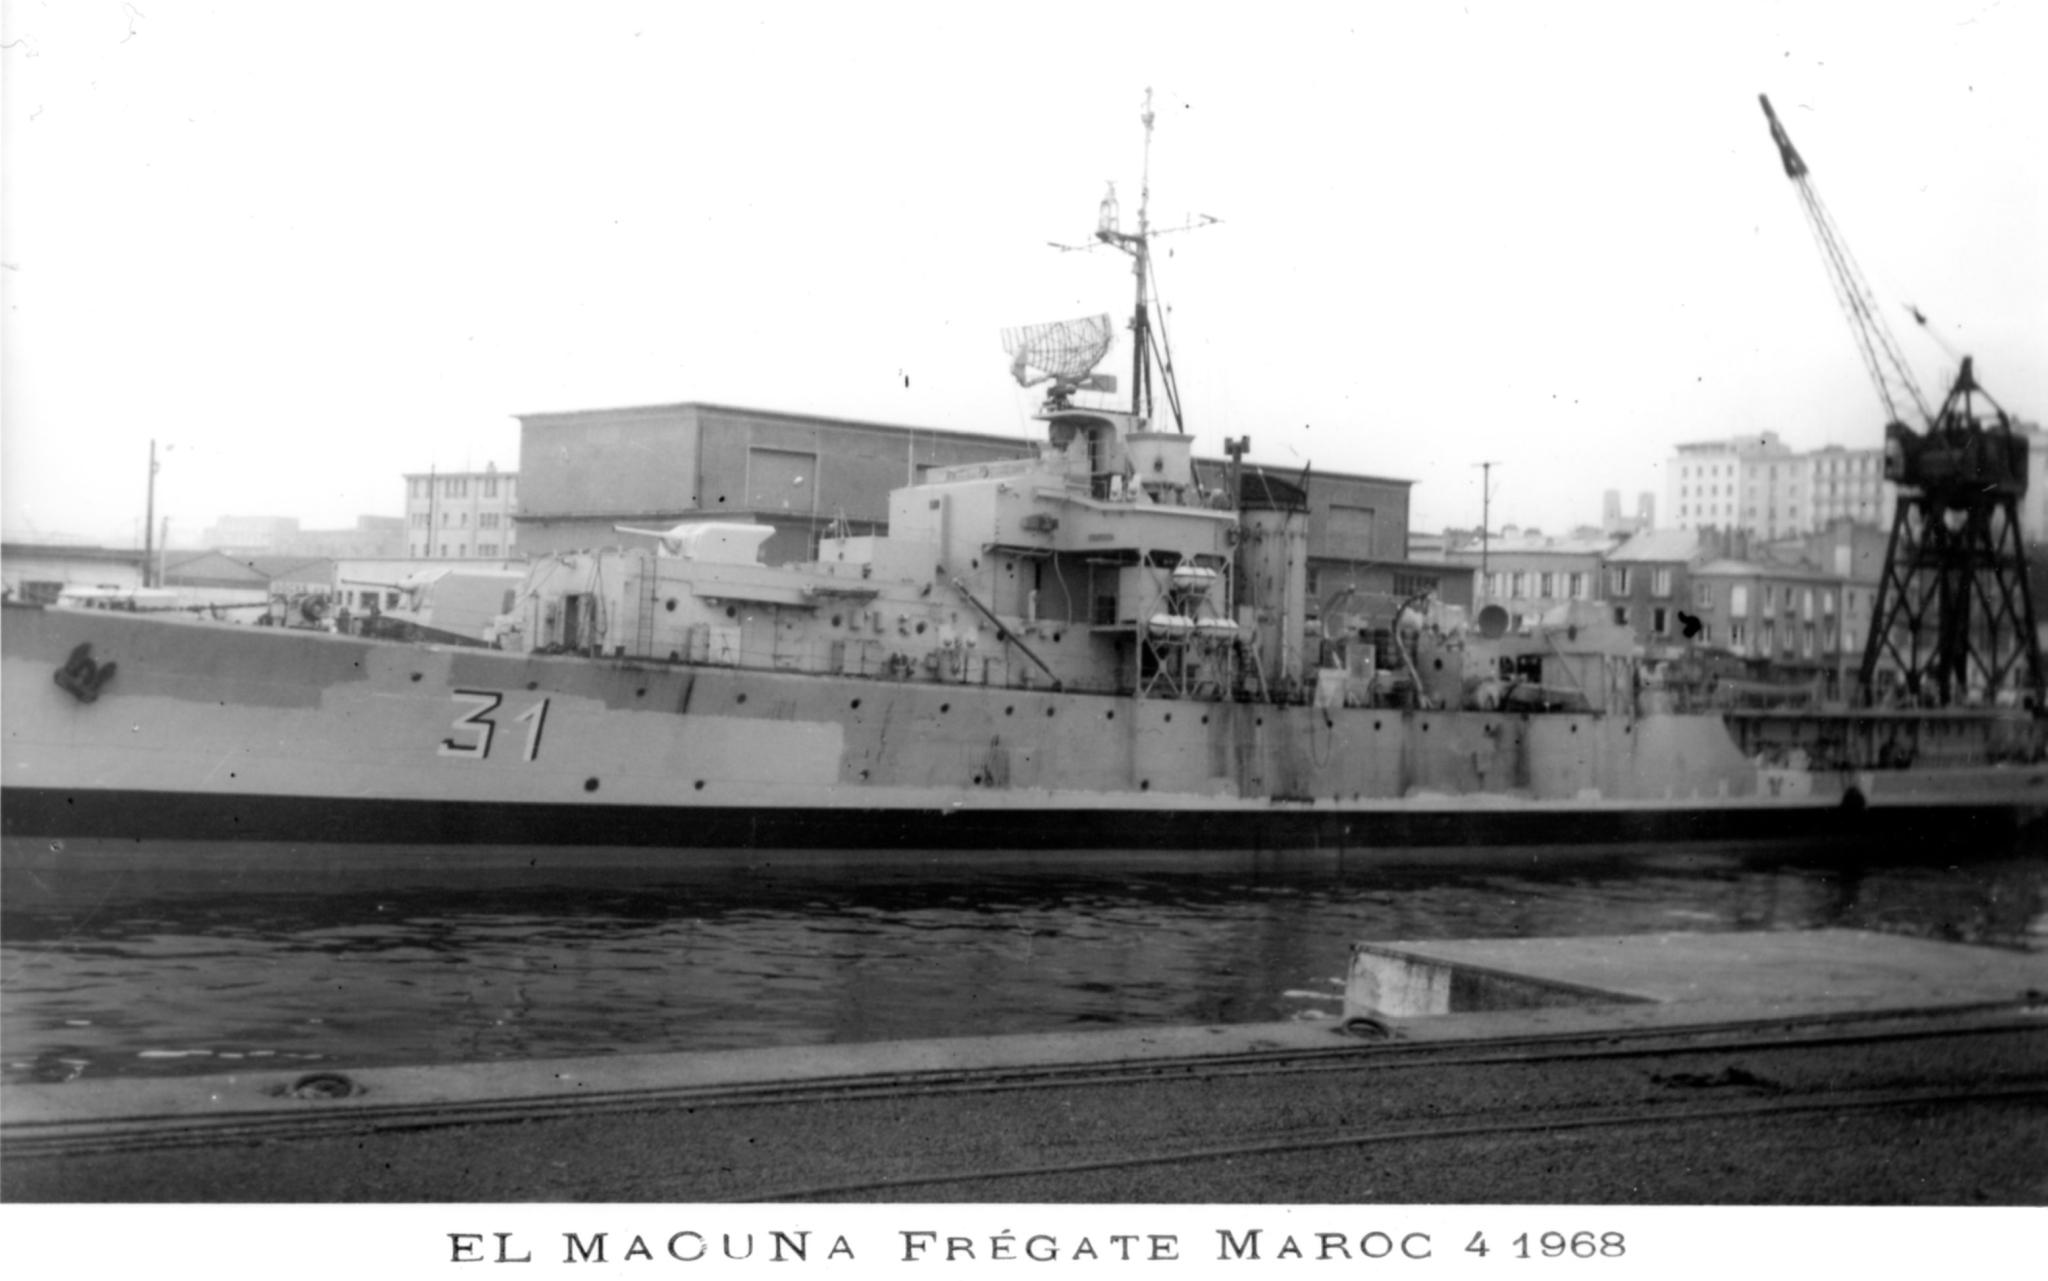 Batiments et navires ayant servie au sein de la MRM - Page 3 50895753012_b48859d1f8_o_d